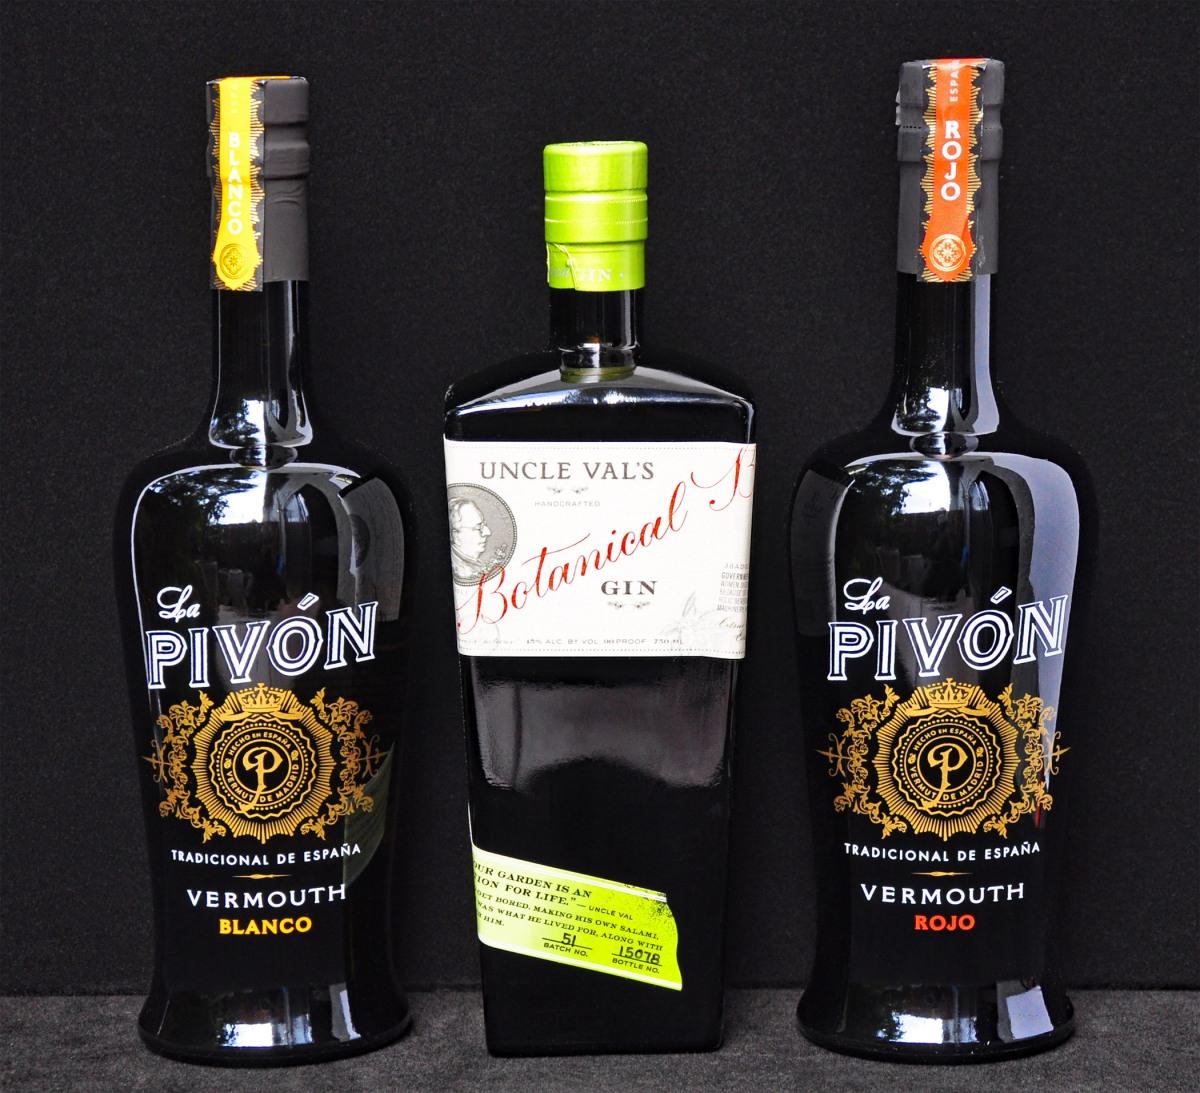 3. La Pivon and Uncle Vals